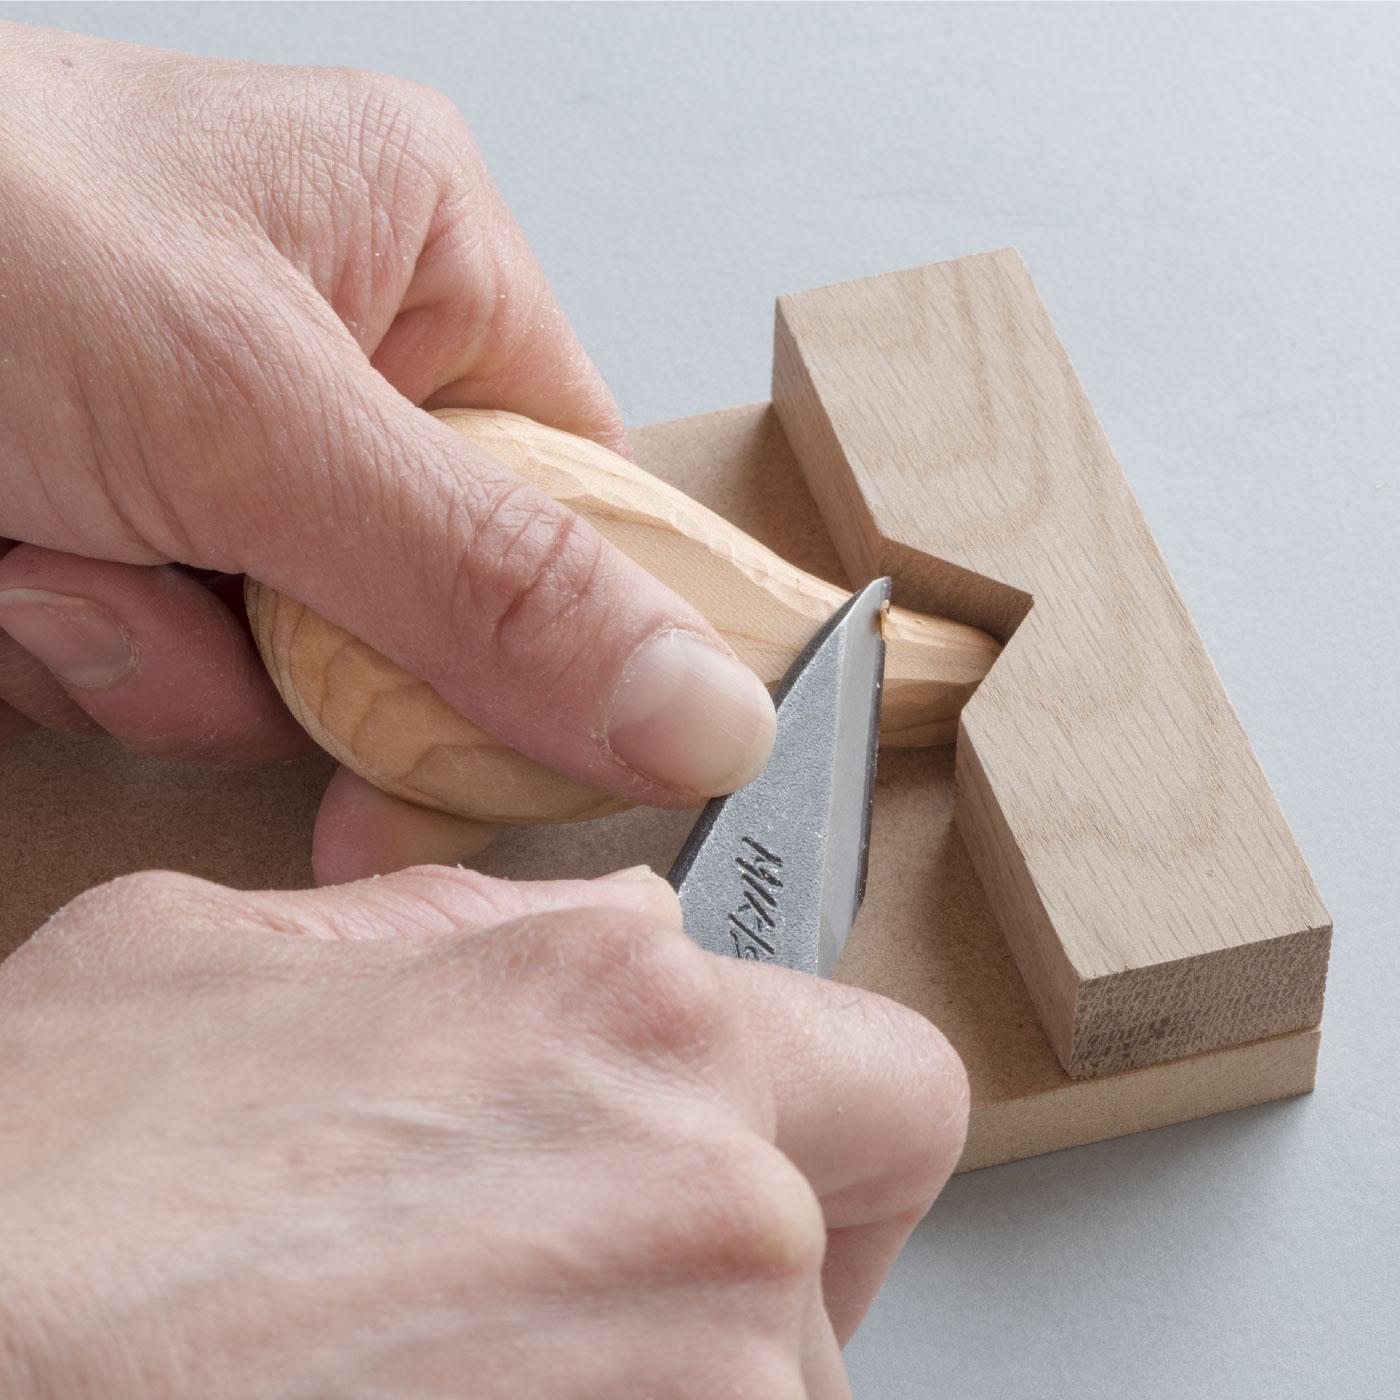 しっかり固定して作業しやすいコンパクトサイズ。